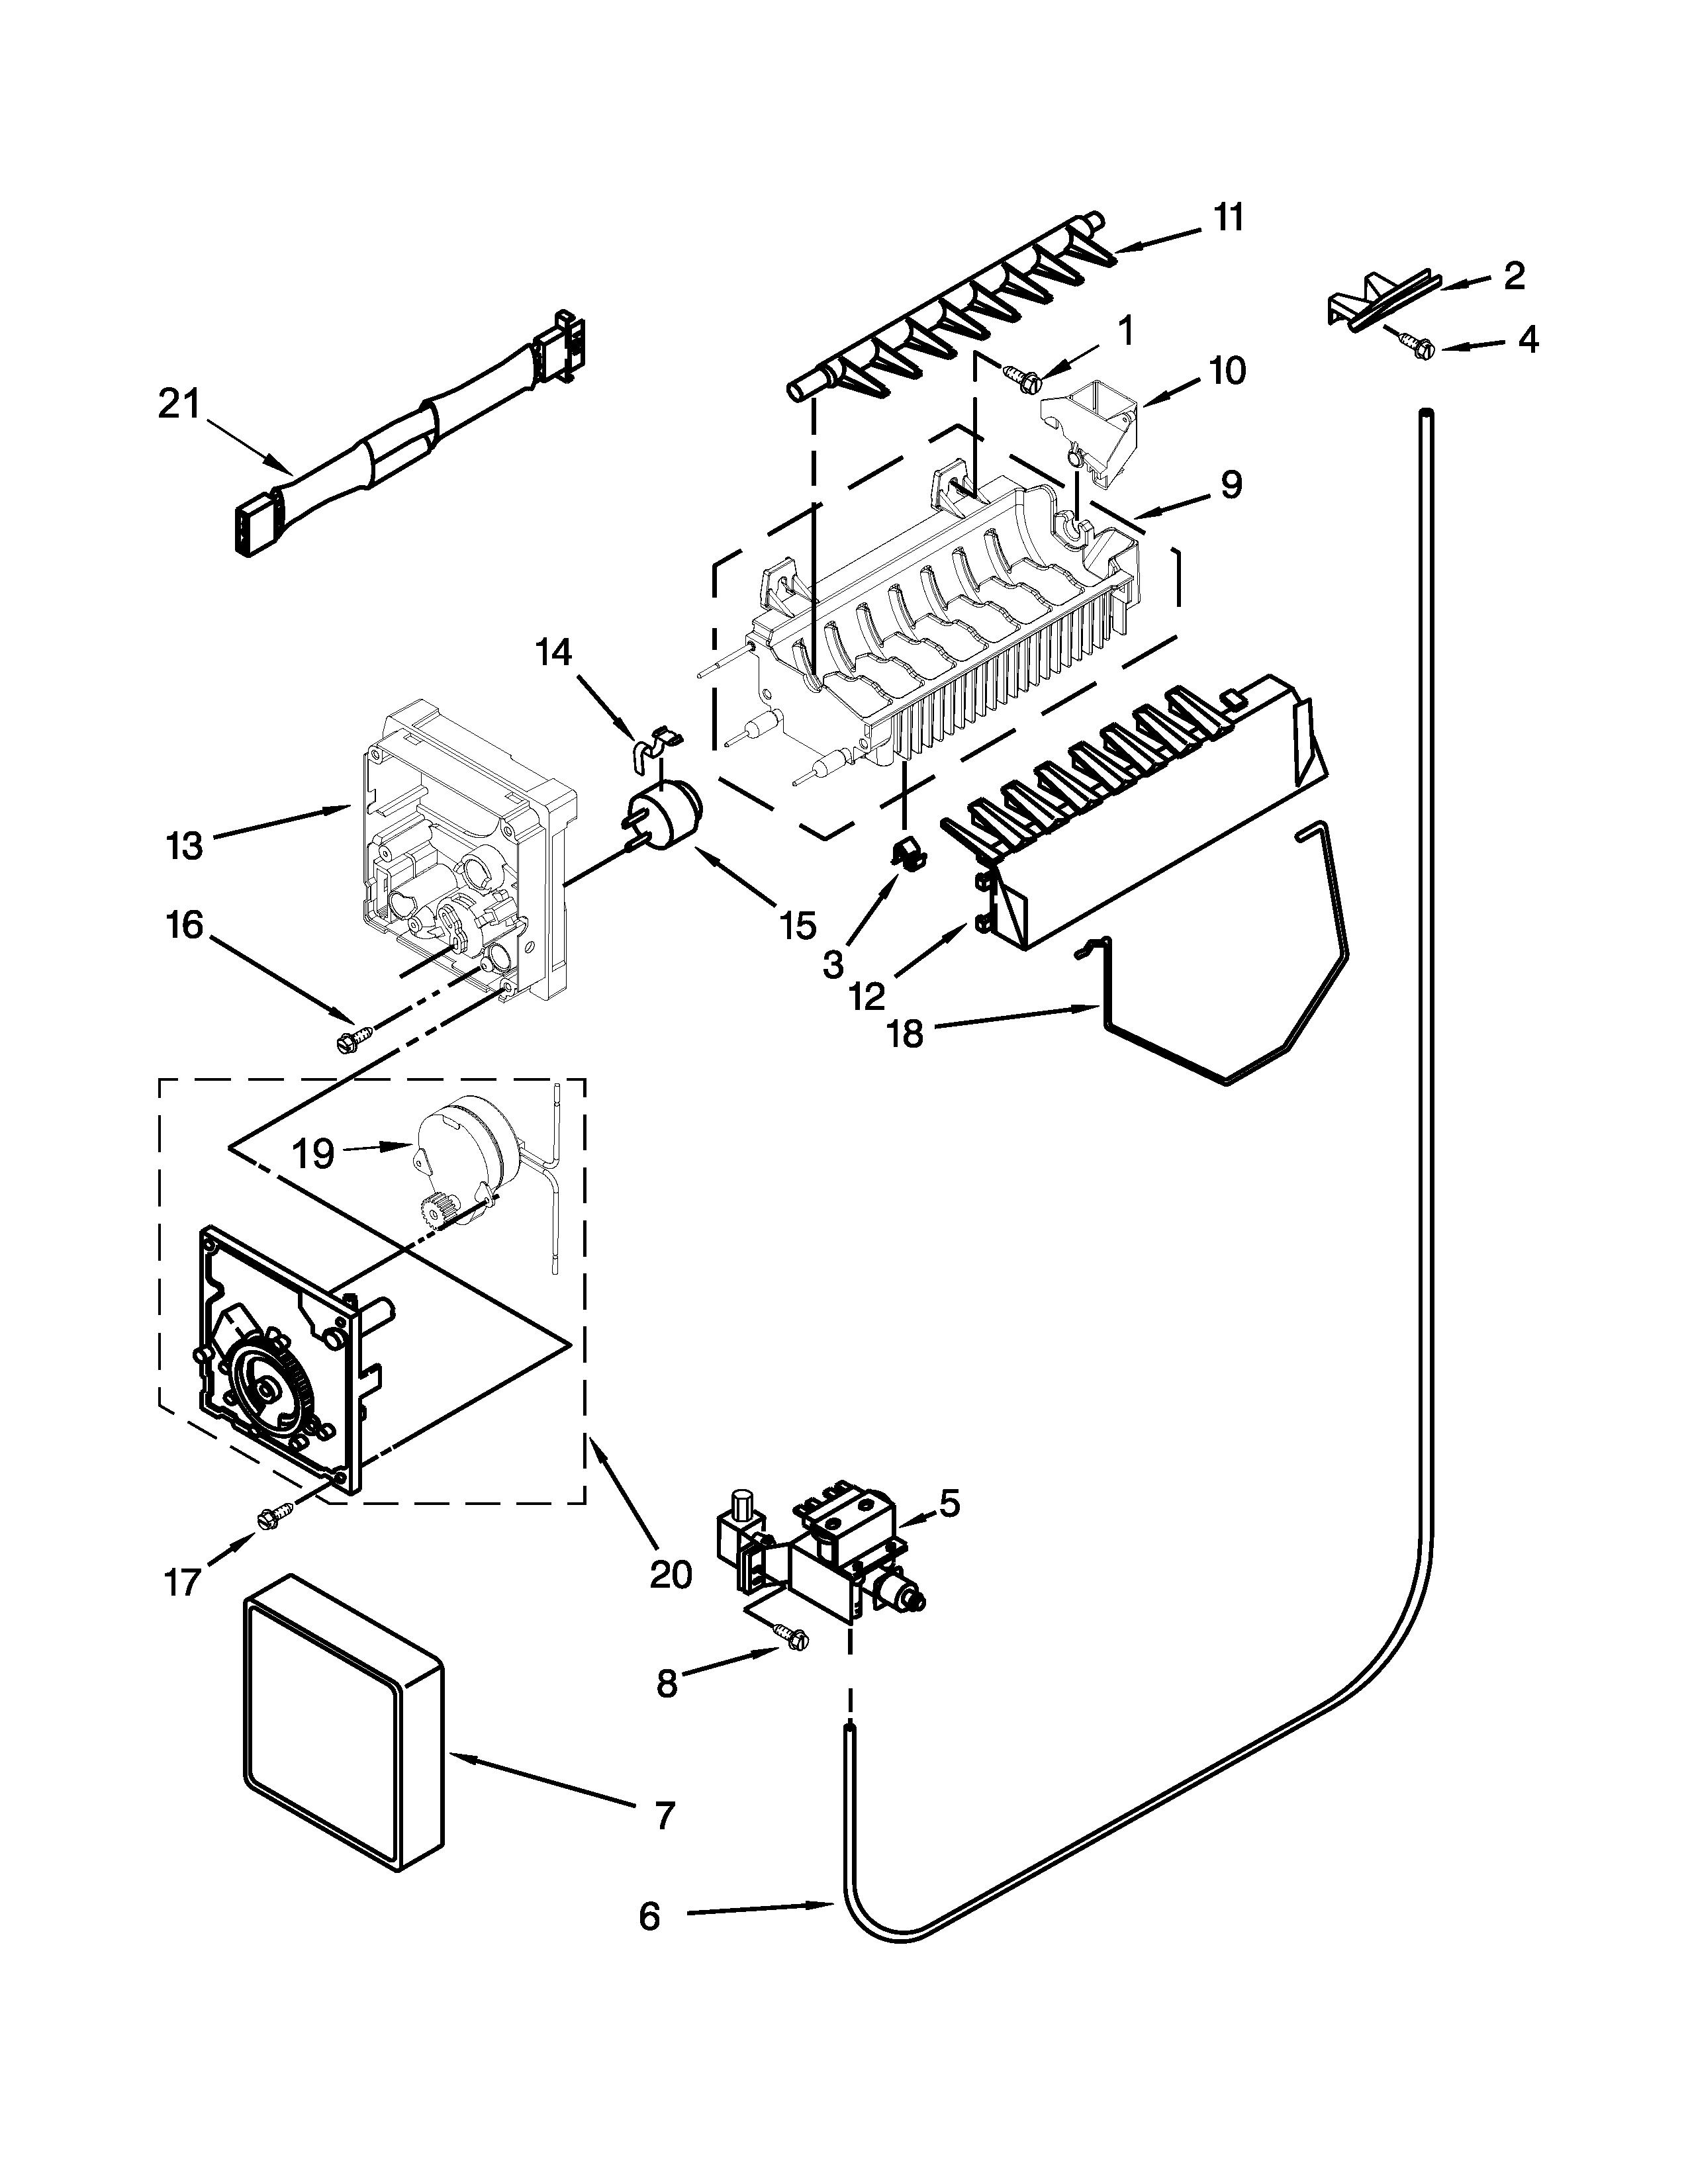 Maytag  Refrigerator  Ice maker parts